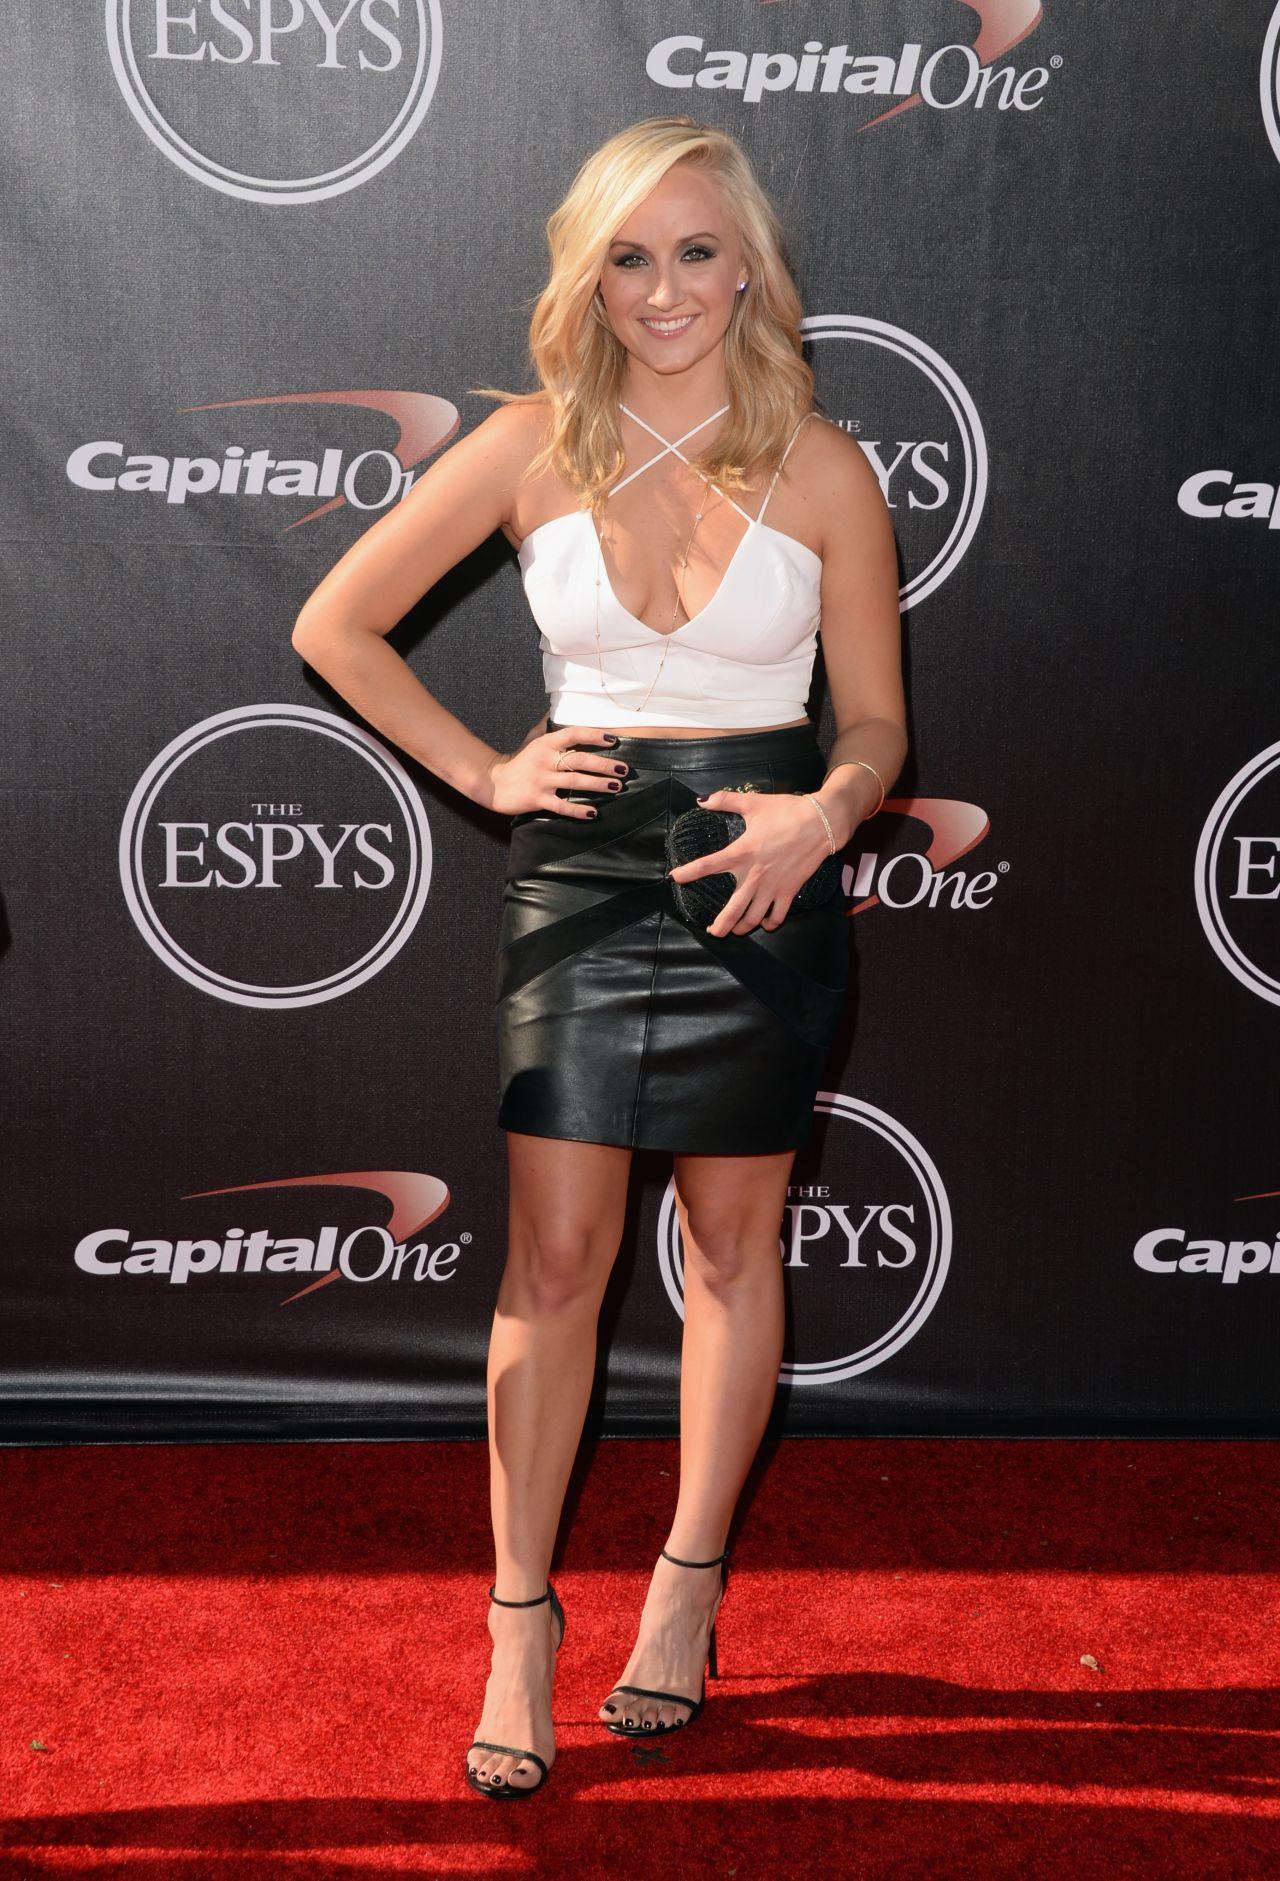 Nastia Liukin - 2014 ESPY Awards Red Carpet • CelebMafia